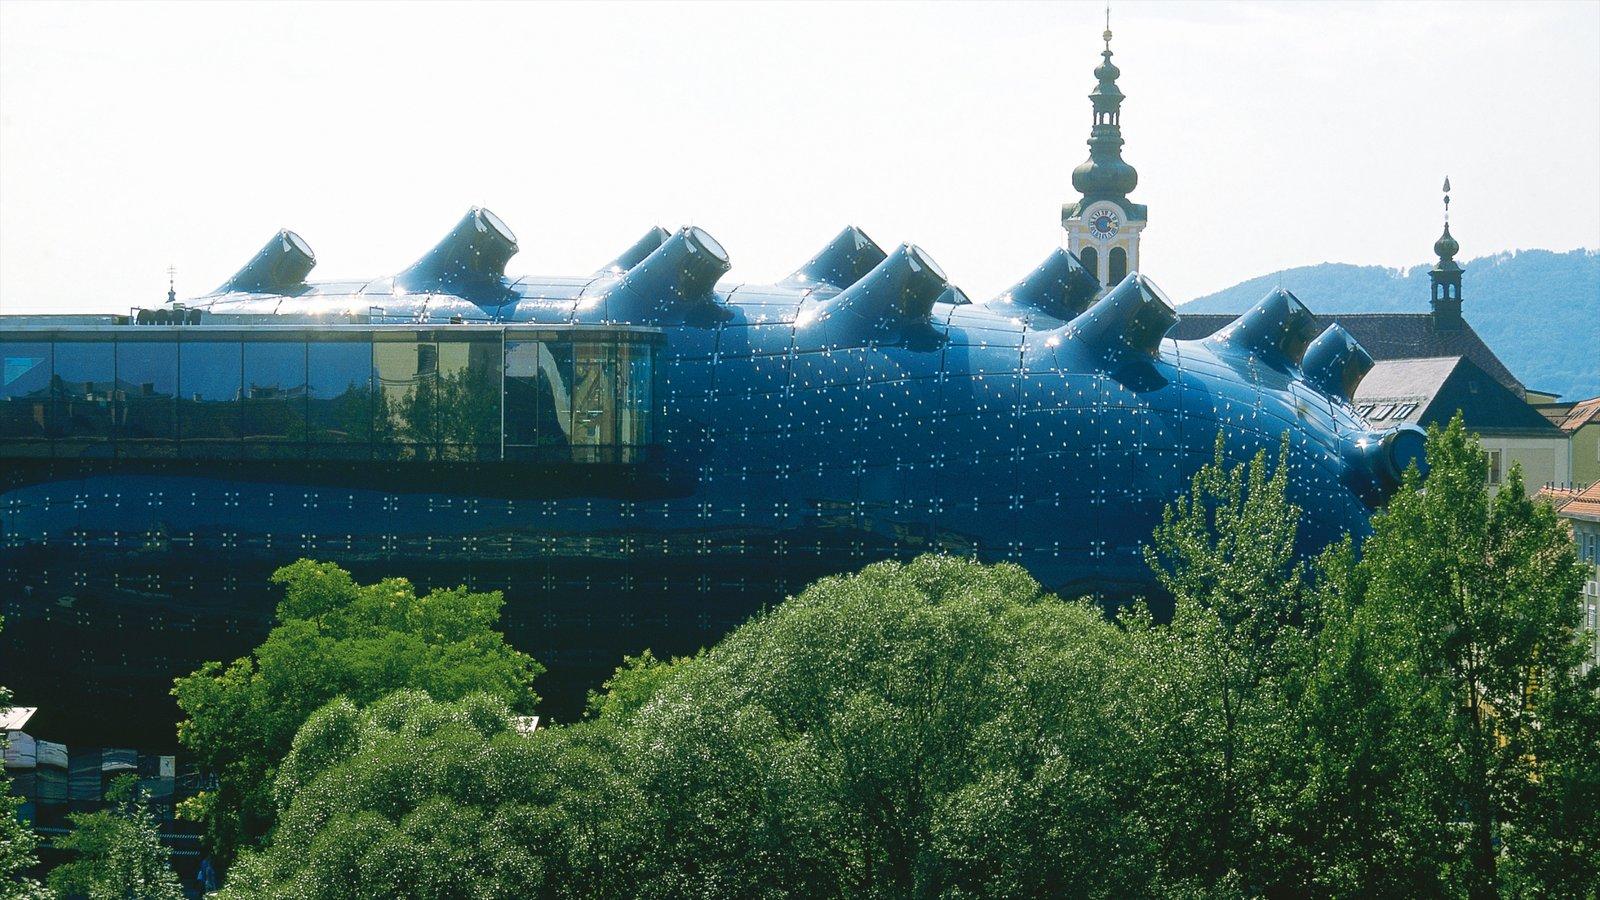 Museo de arte de Graz mostrando arquitectura moderna